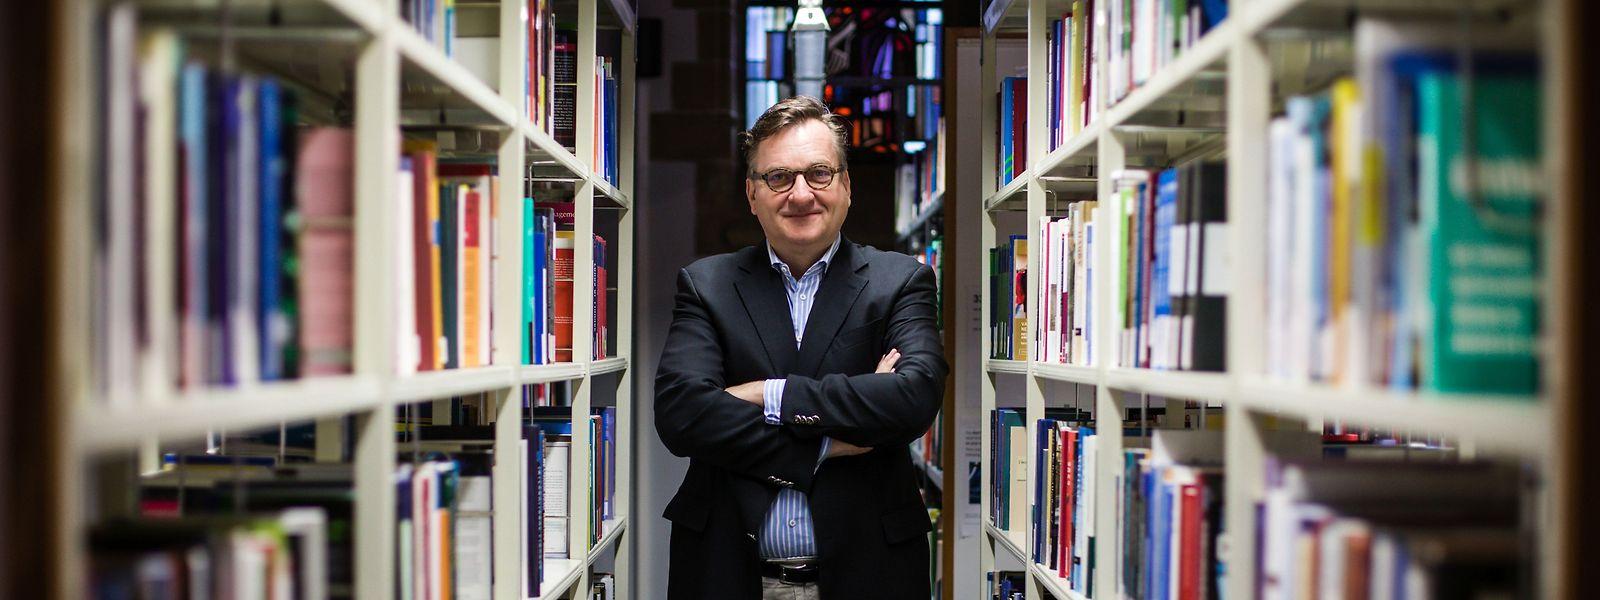 Andreas Irmen ist einer der führenden deutschsprachigen Wirtschaftswissenschaftler auf dem Gebiet der vergleichenden Erforschung wirtschaftlicher Entwicklungen und des Wirtschaftswachstums.